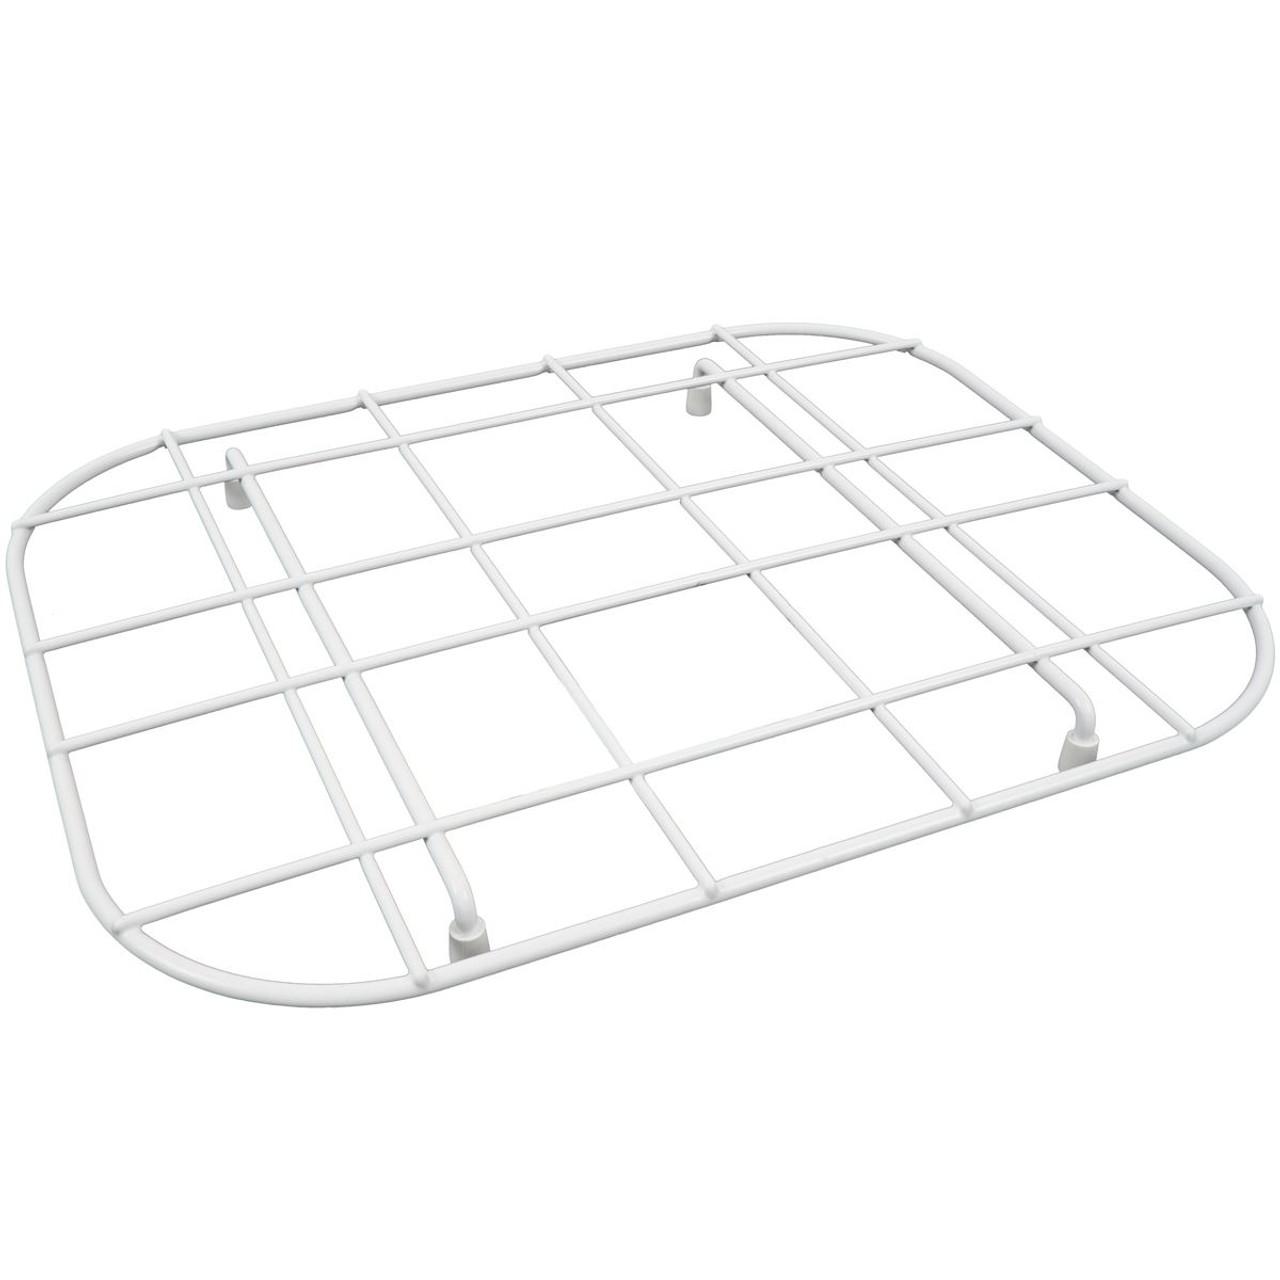 Delfinware Standard Sink Mat